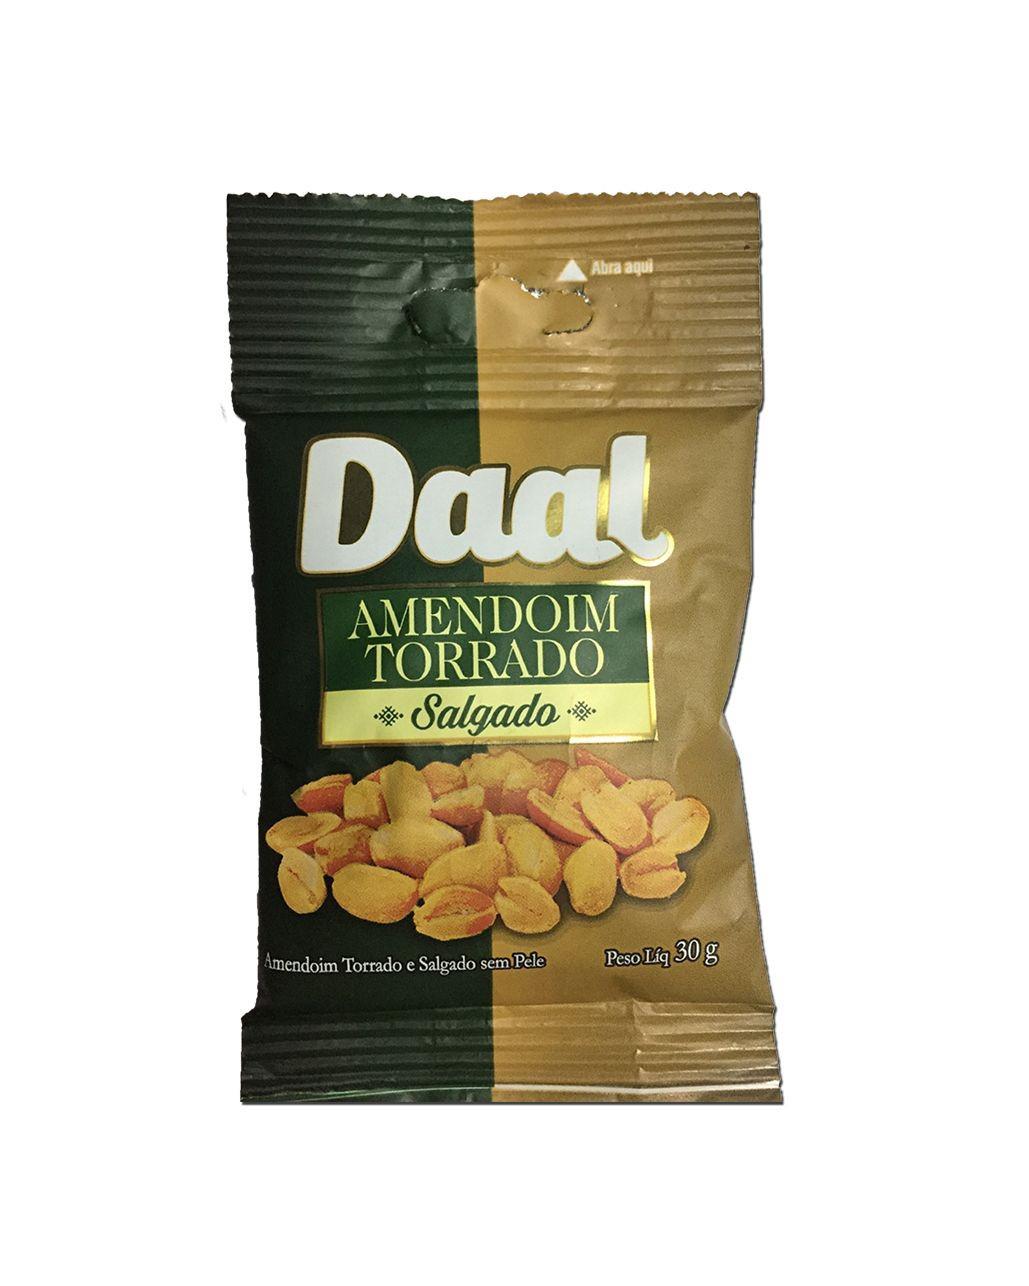 Amendoim Torrado Salgado Daal 30g